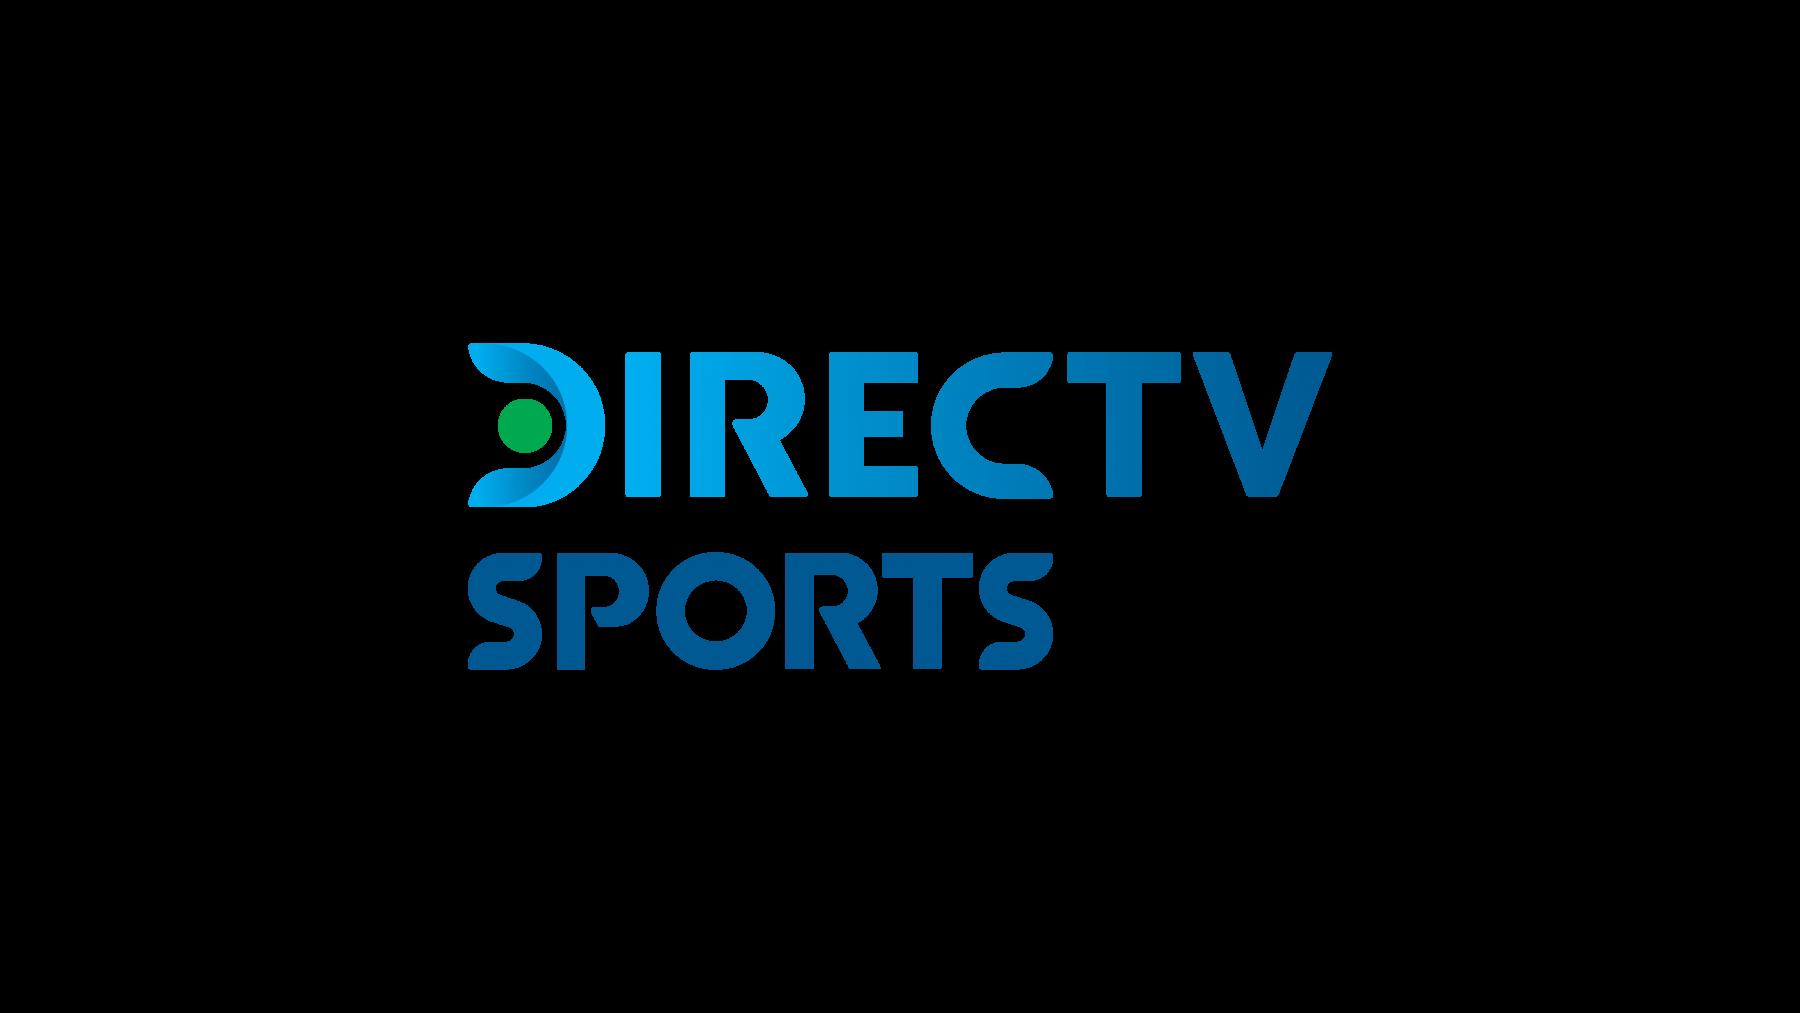 20180223_020922_DIRECTV-Sports-Logotipos-principales-01